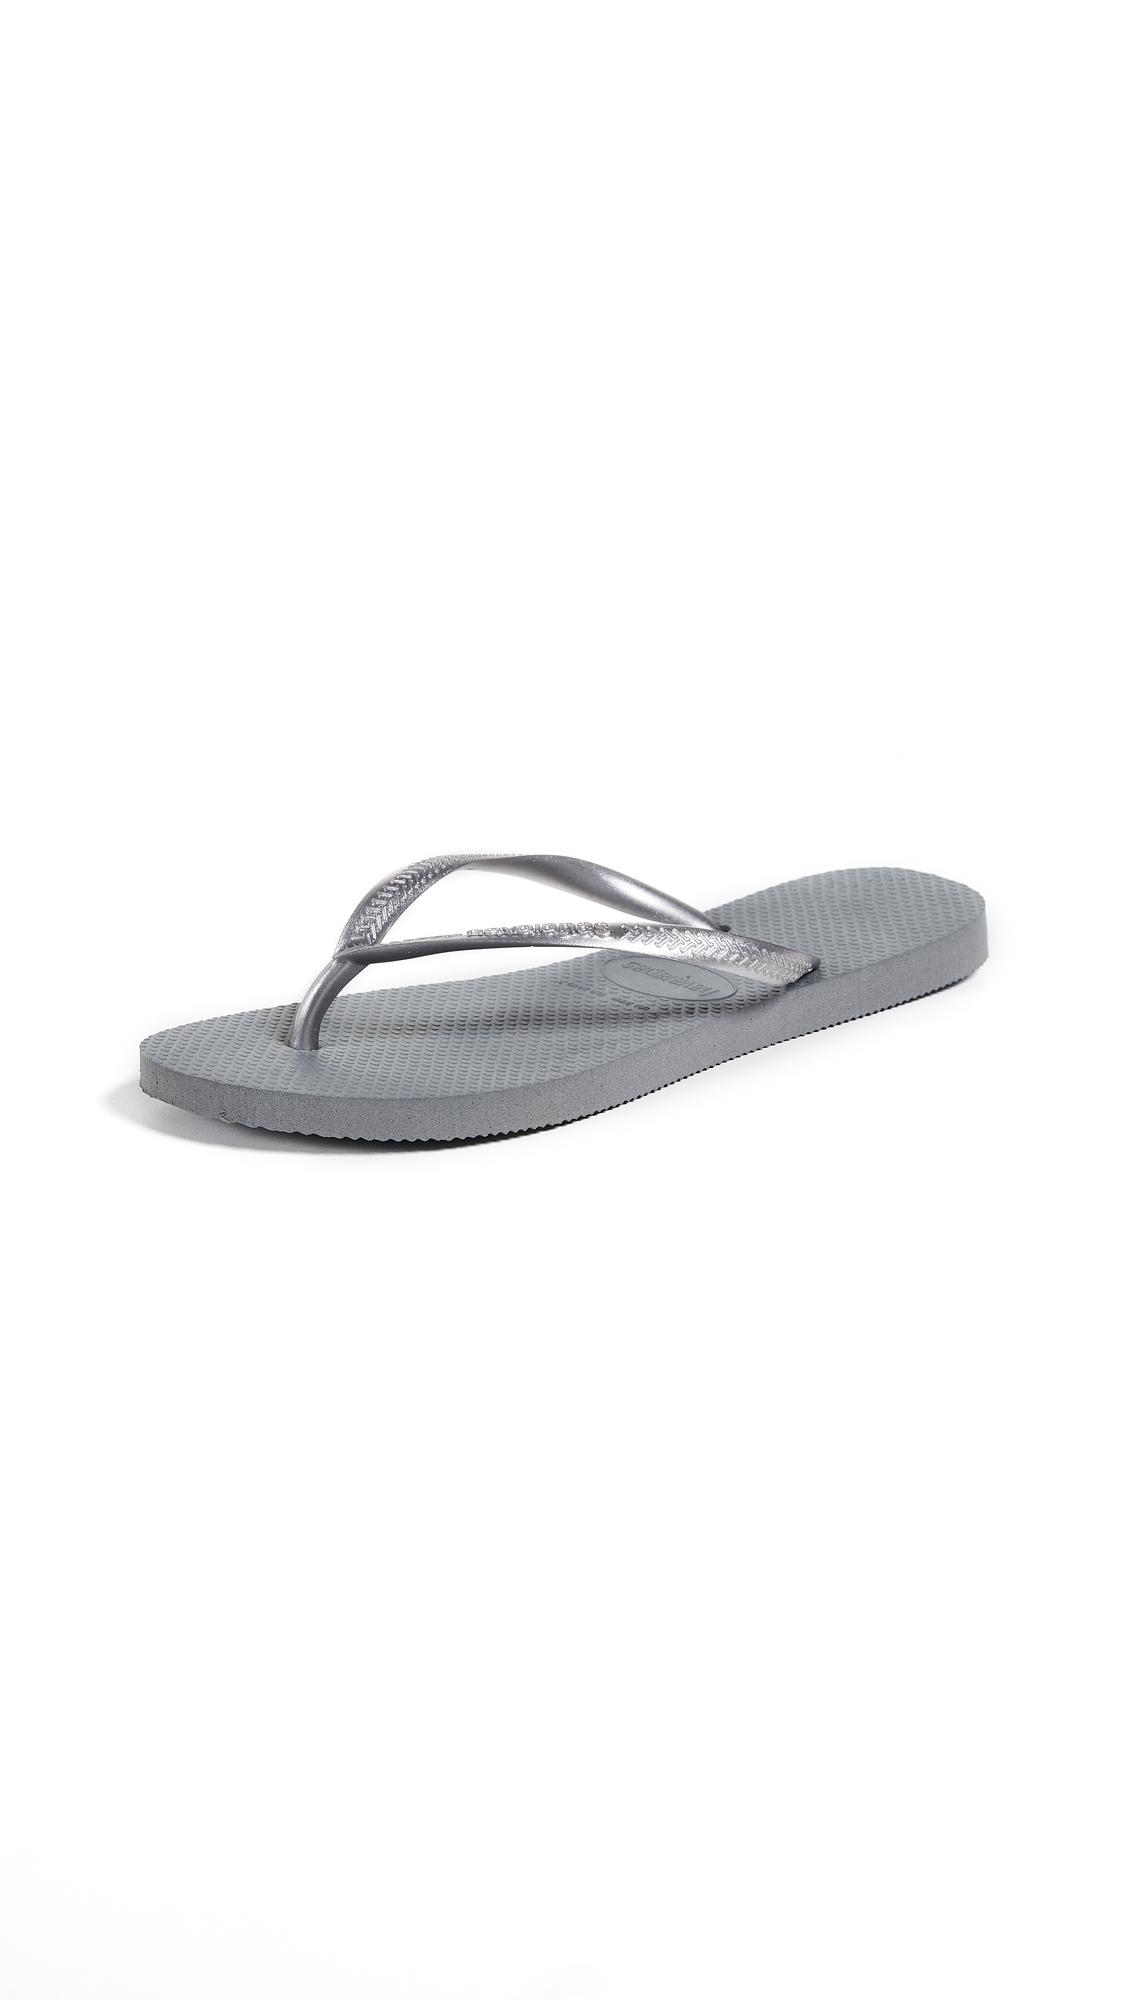 Havaianas Slim Flip Flops - Grey/Silver